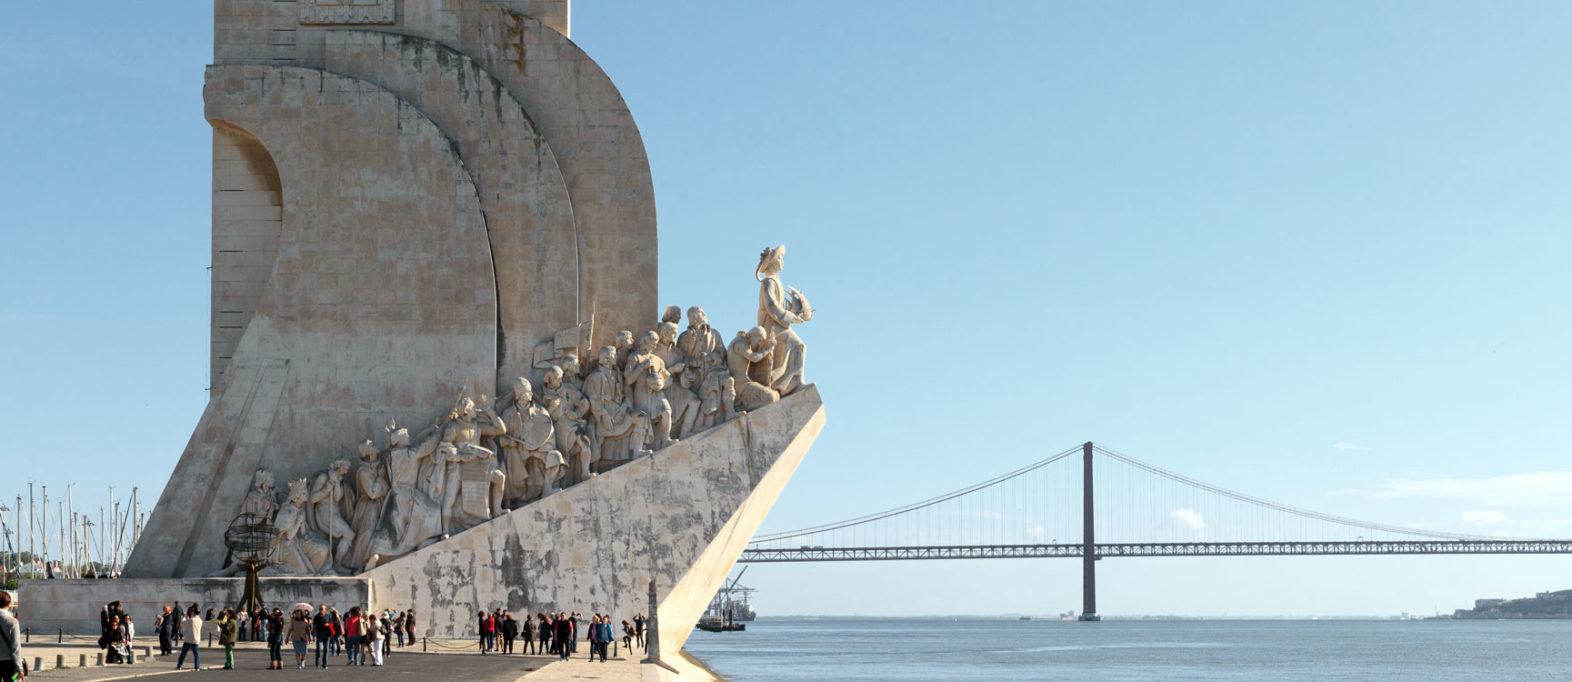 Lissabon Sehenswürdigkeiten TIpps Entdecker Denkmal